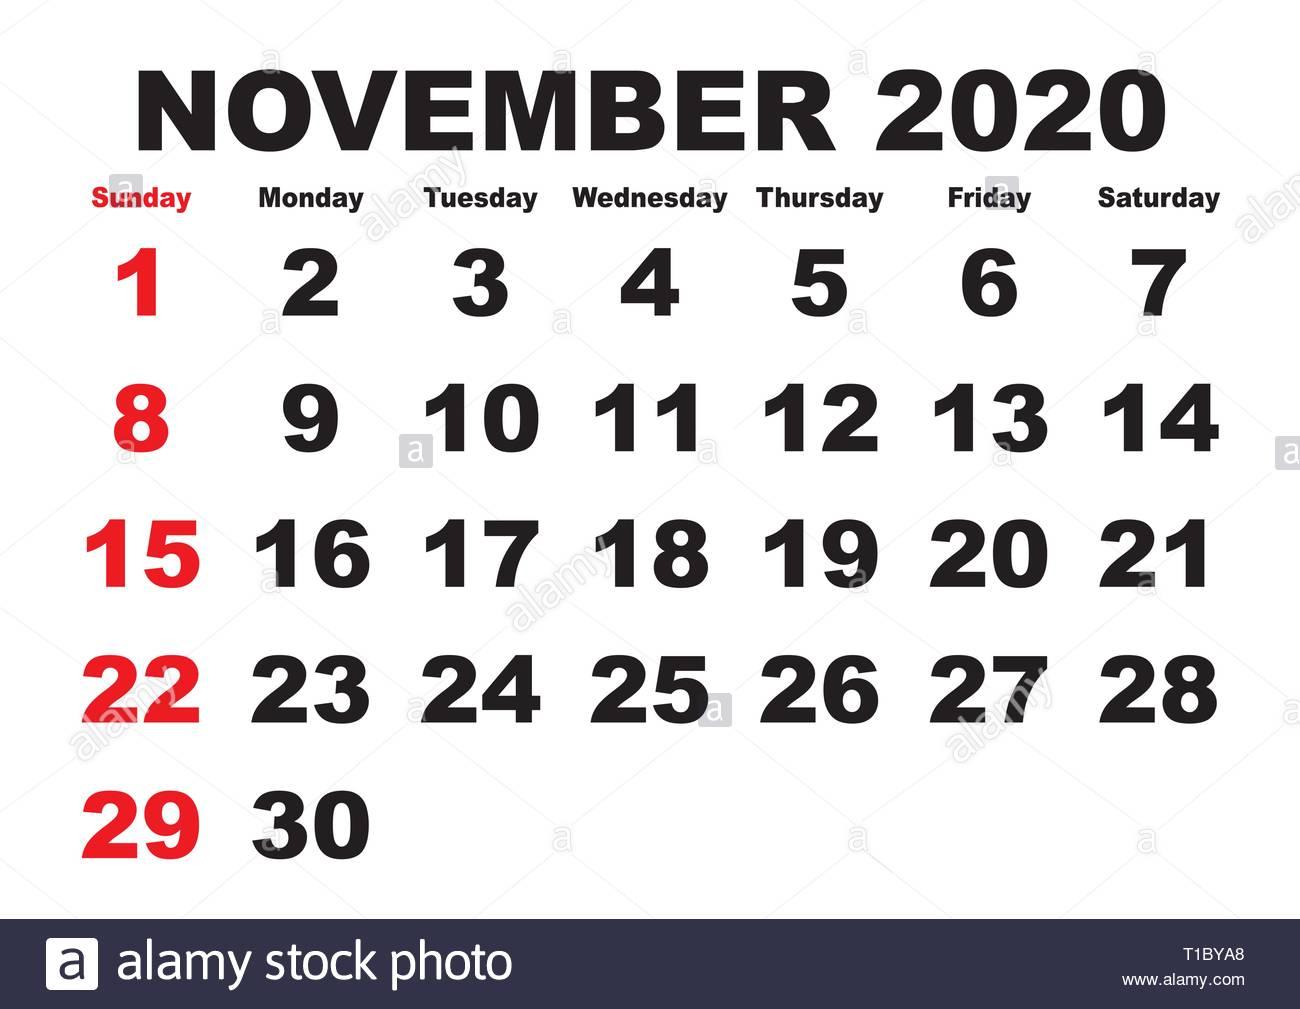 November Calendar 2020 Printable.2020 Calendar November Month Vector Printable Calendar